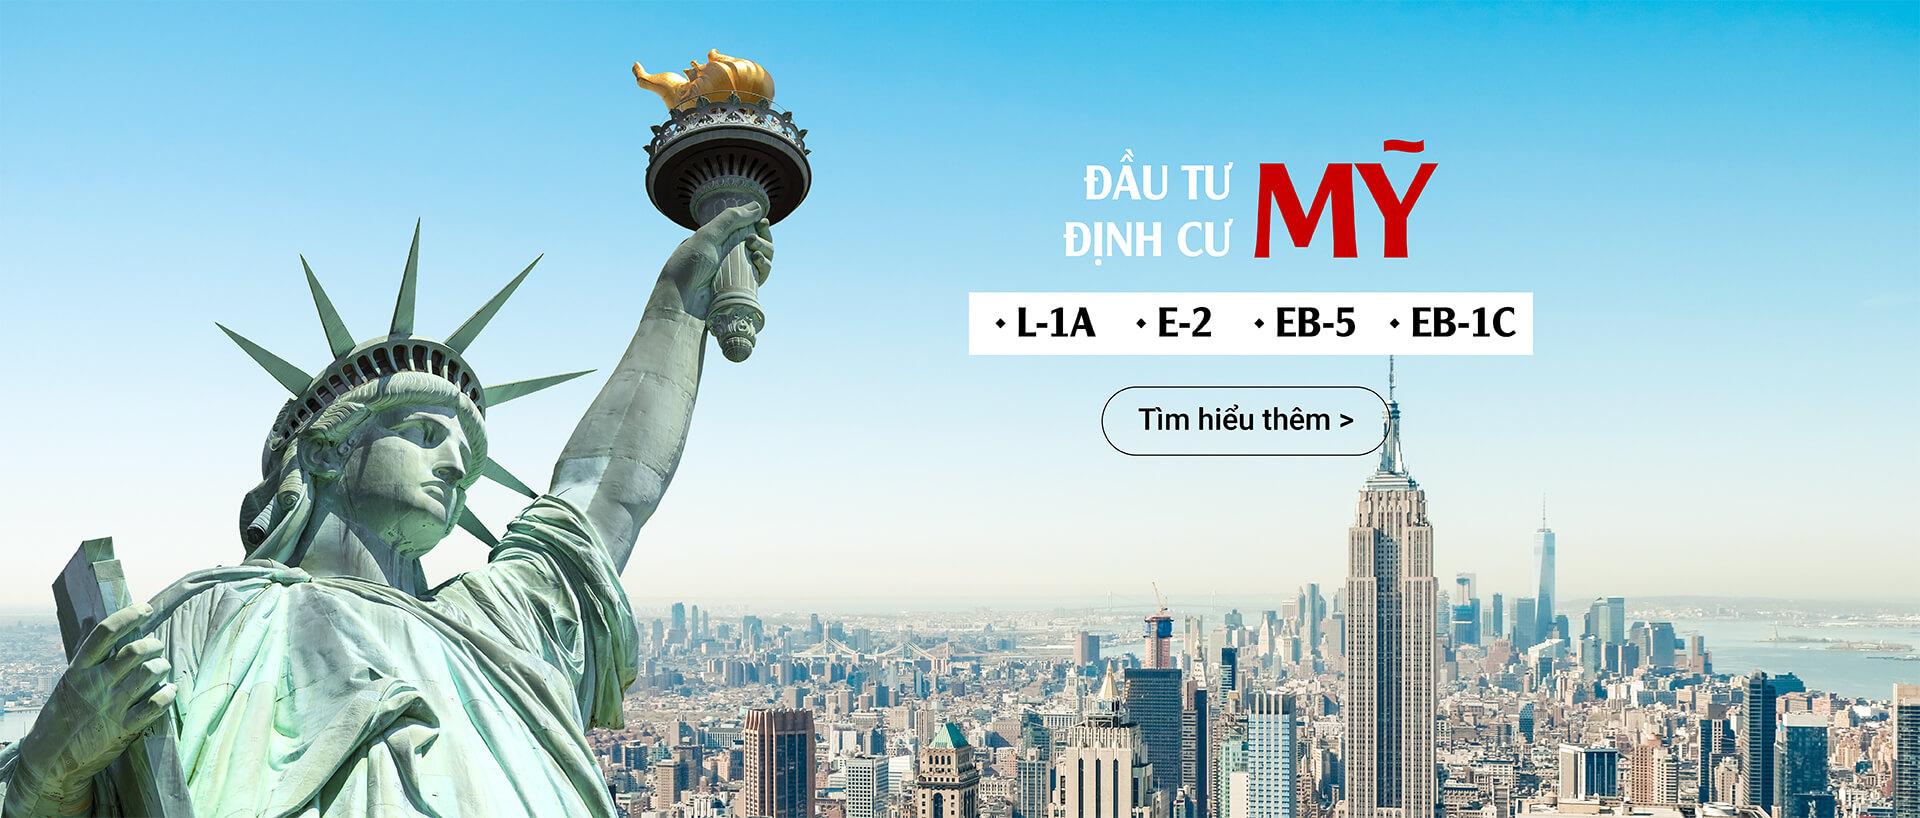 Định cư Mỹ-IMM Group